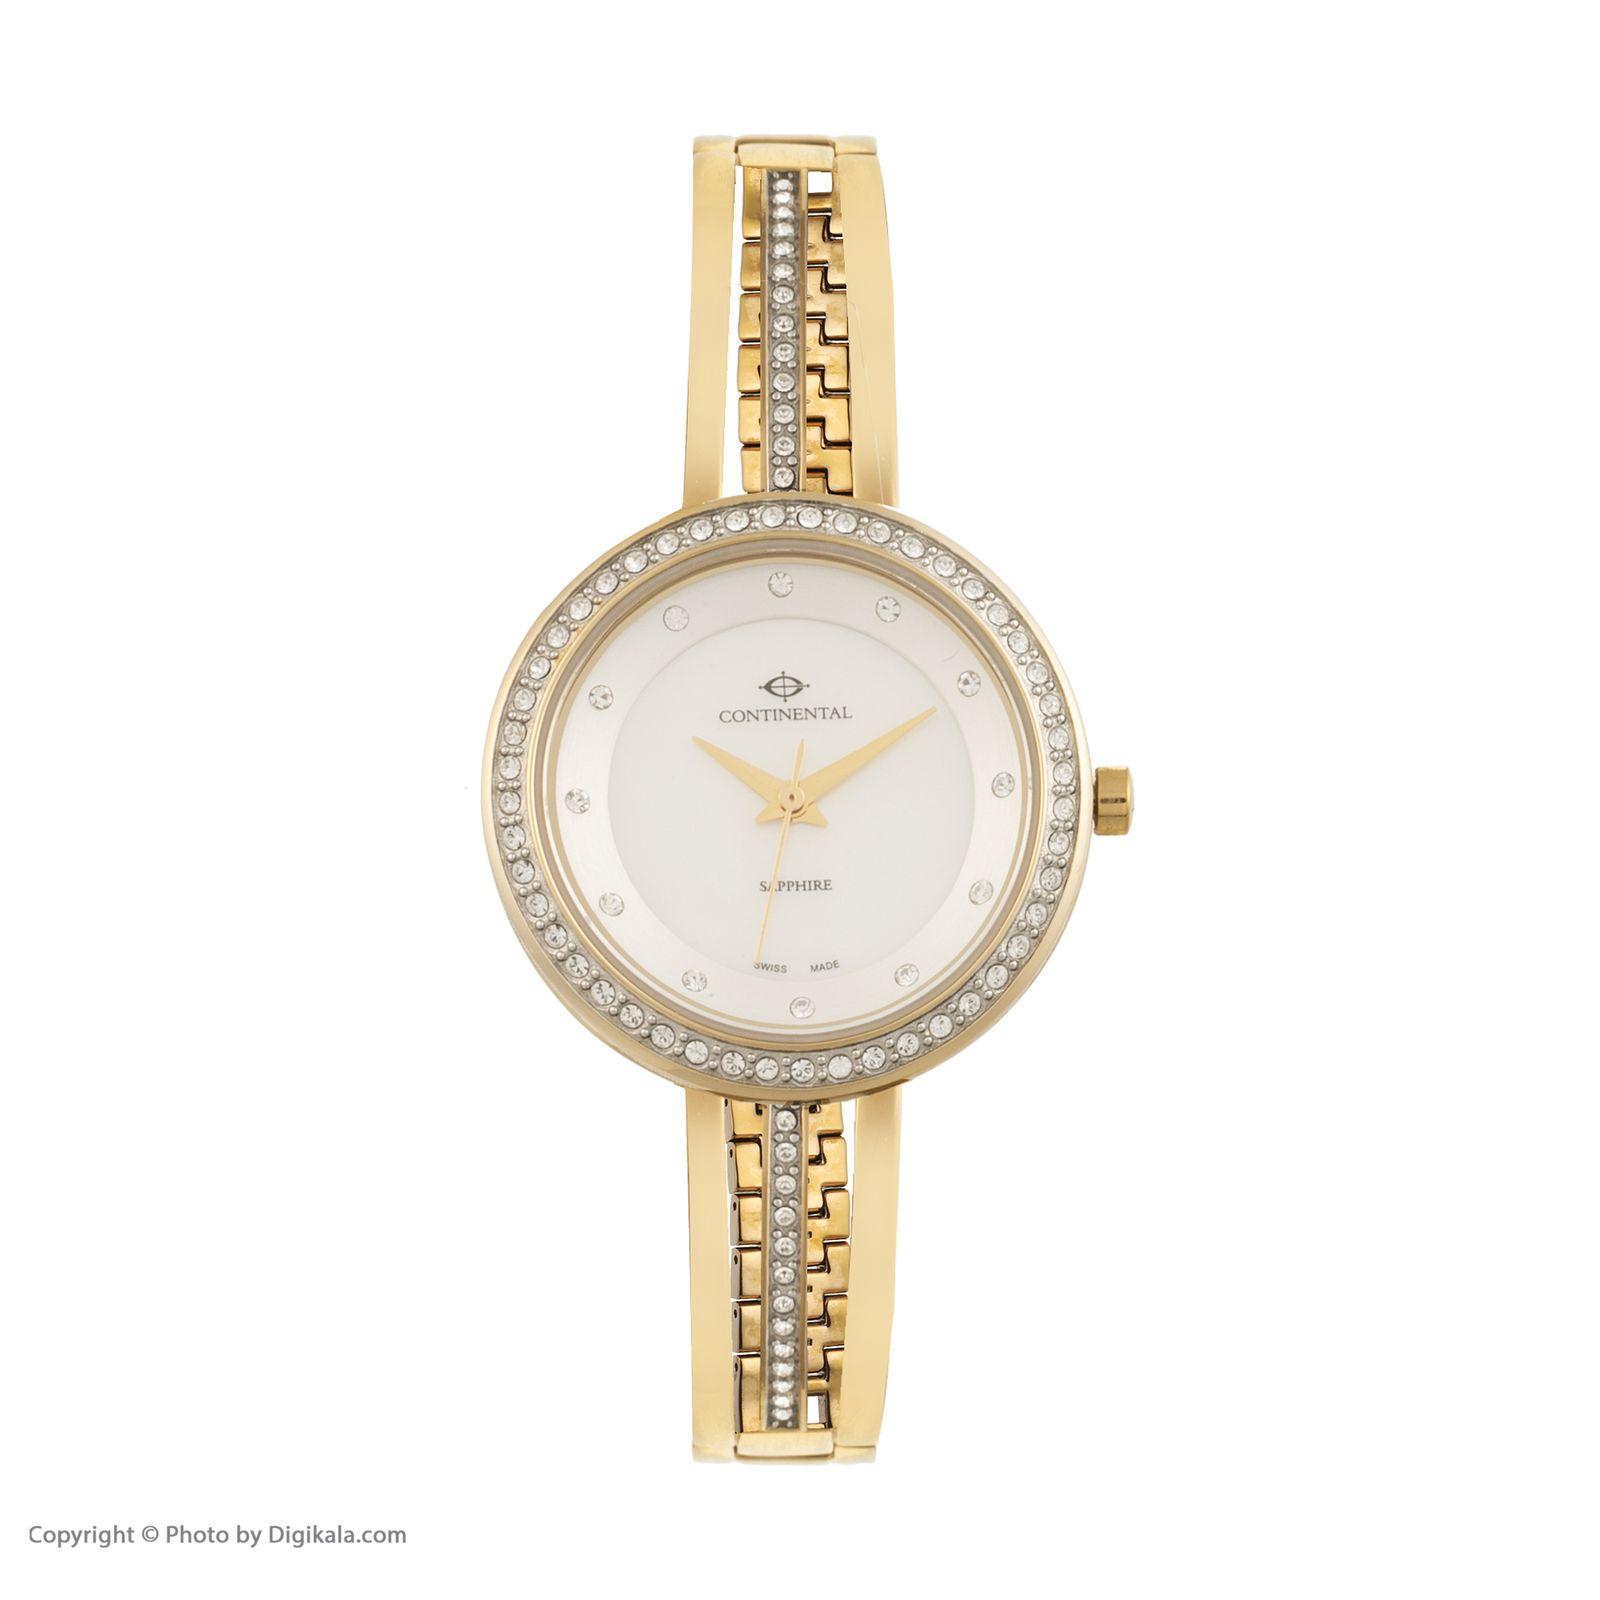 ساعت مچی عقربه ای زنانه کنتیننتال مدل 17002-LT202501 -  - 1